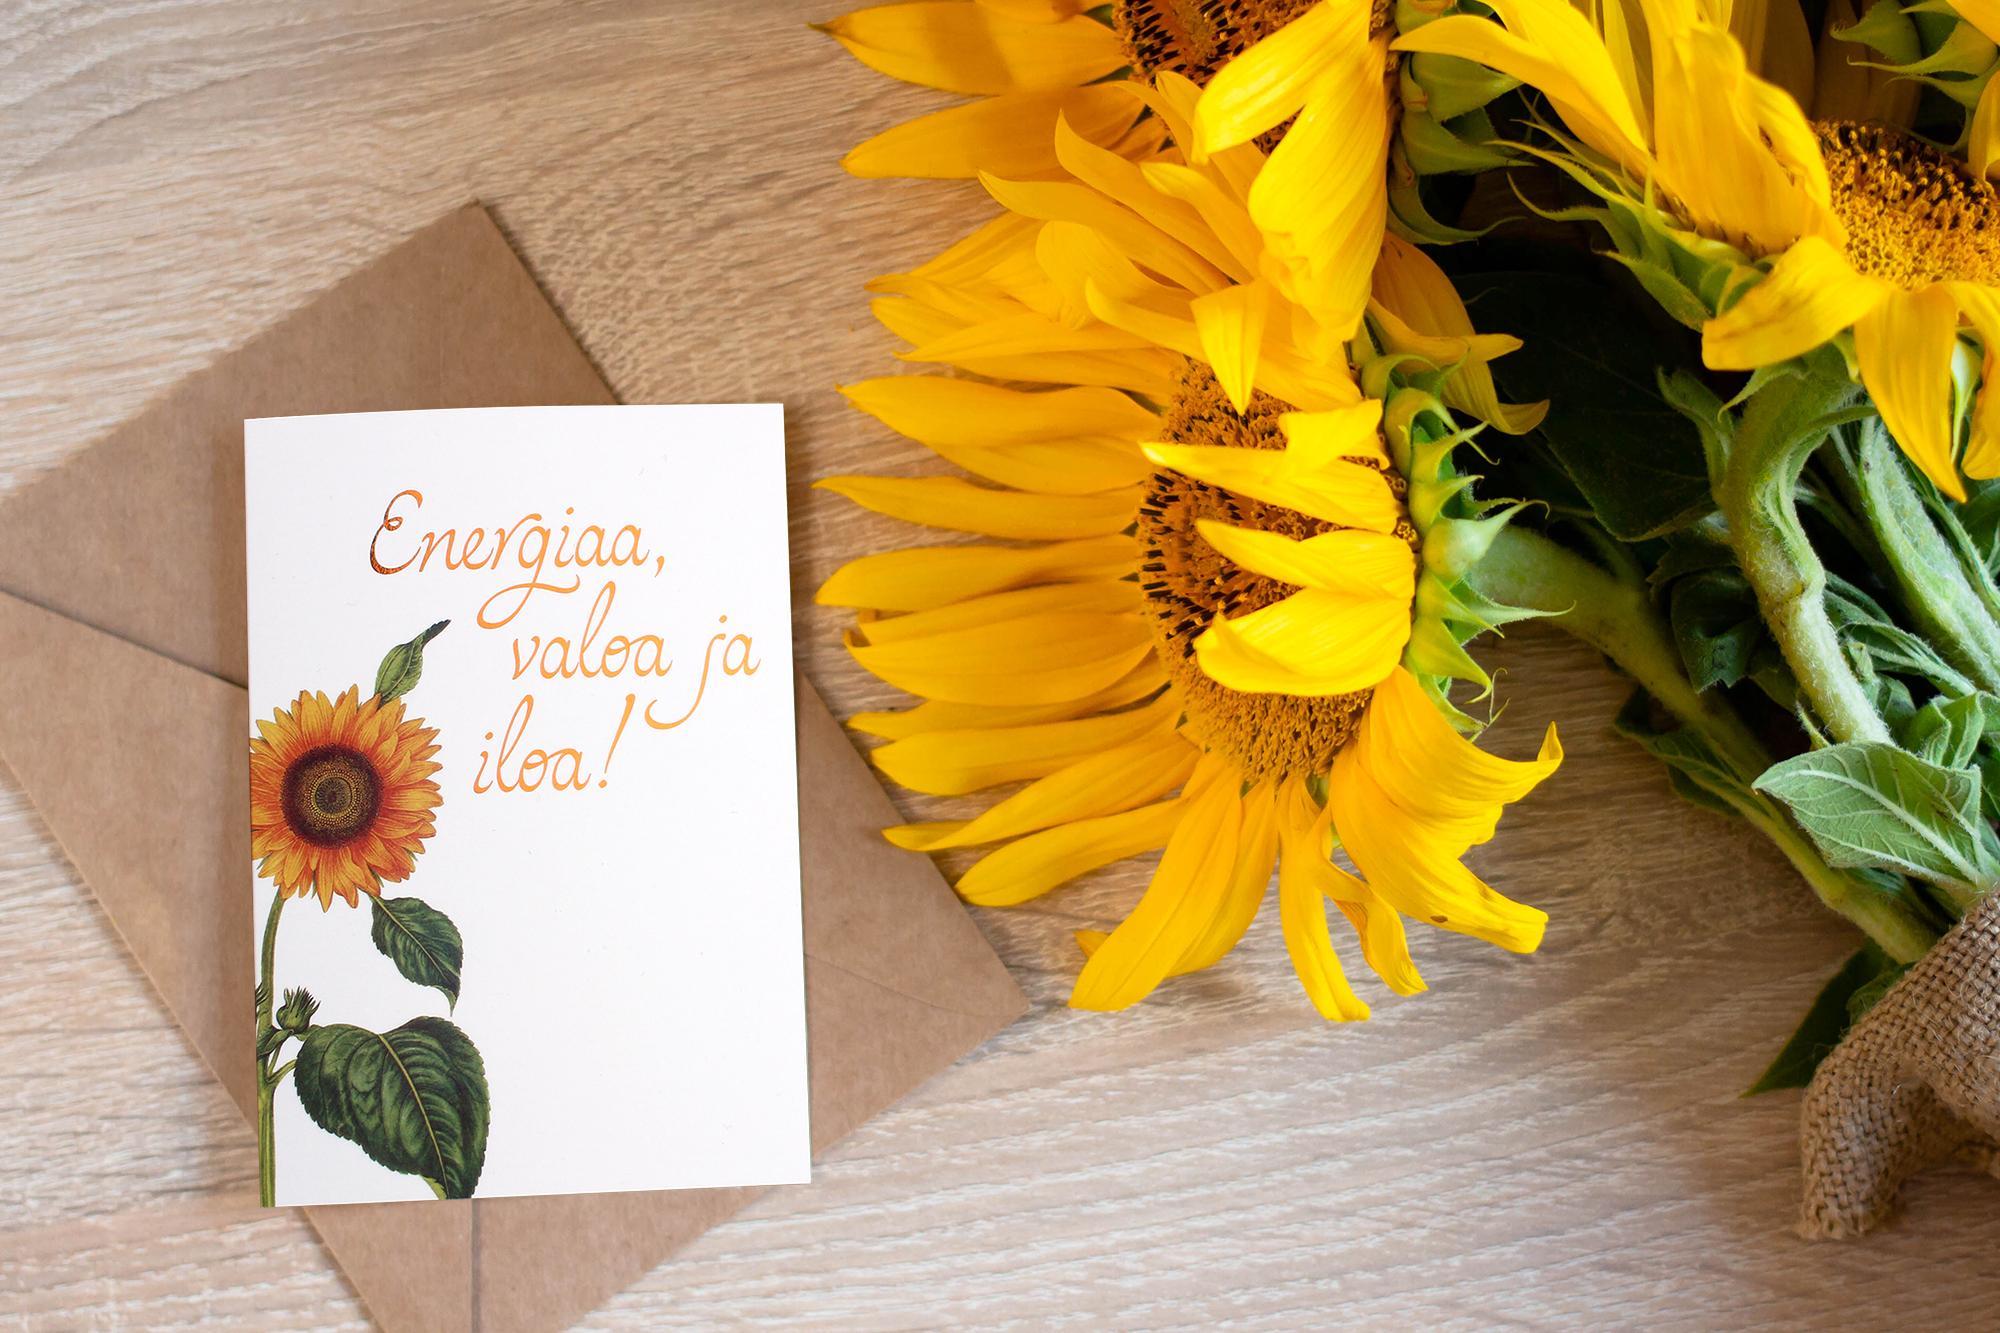 Energialahjakortti pöydällä auringonkukkakimpun vieressä.